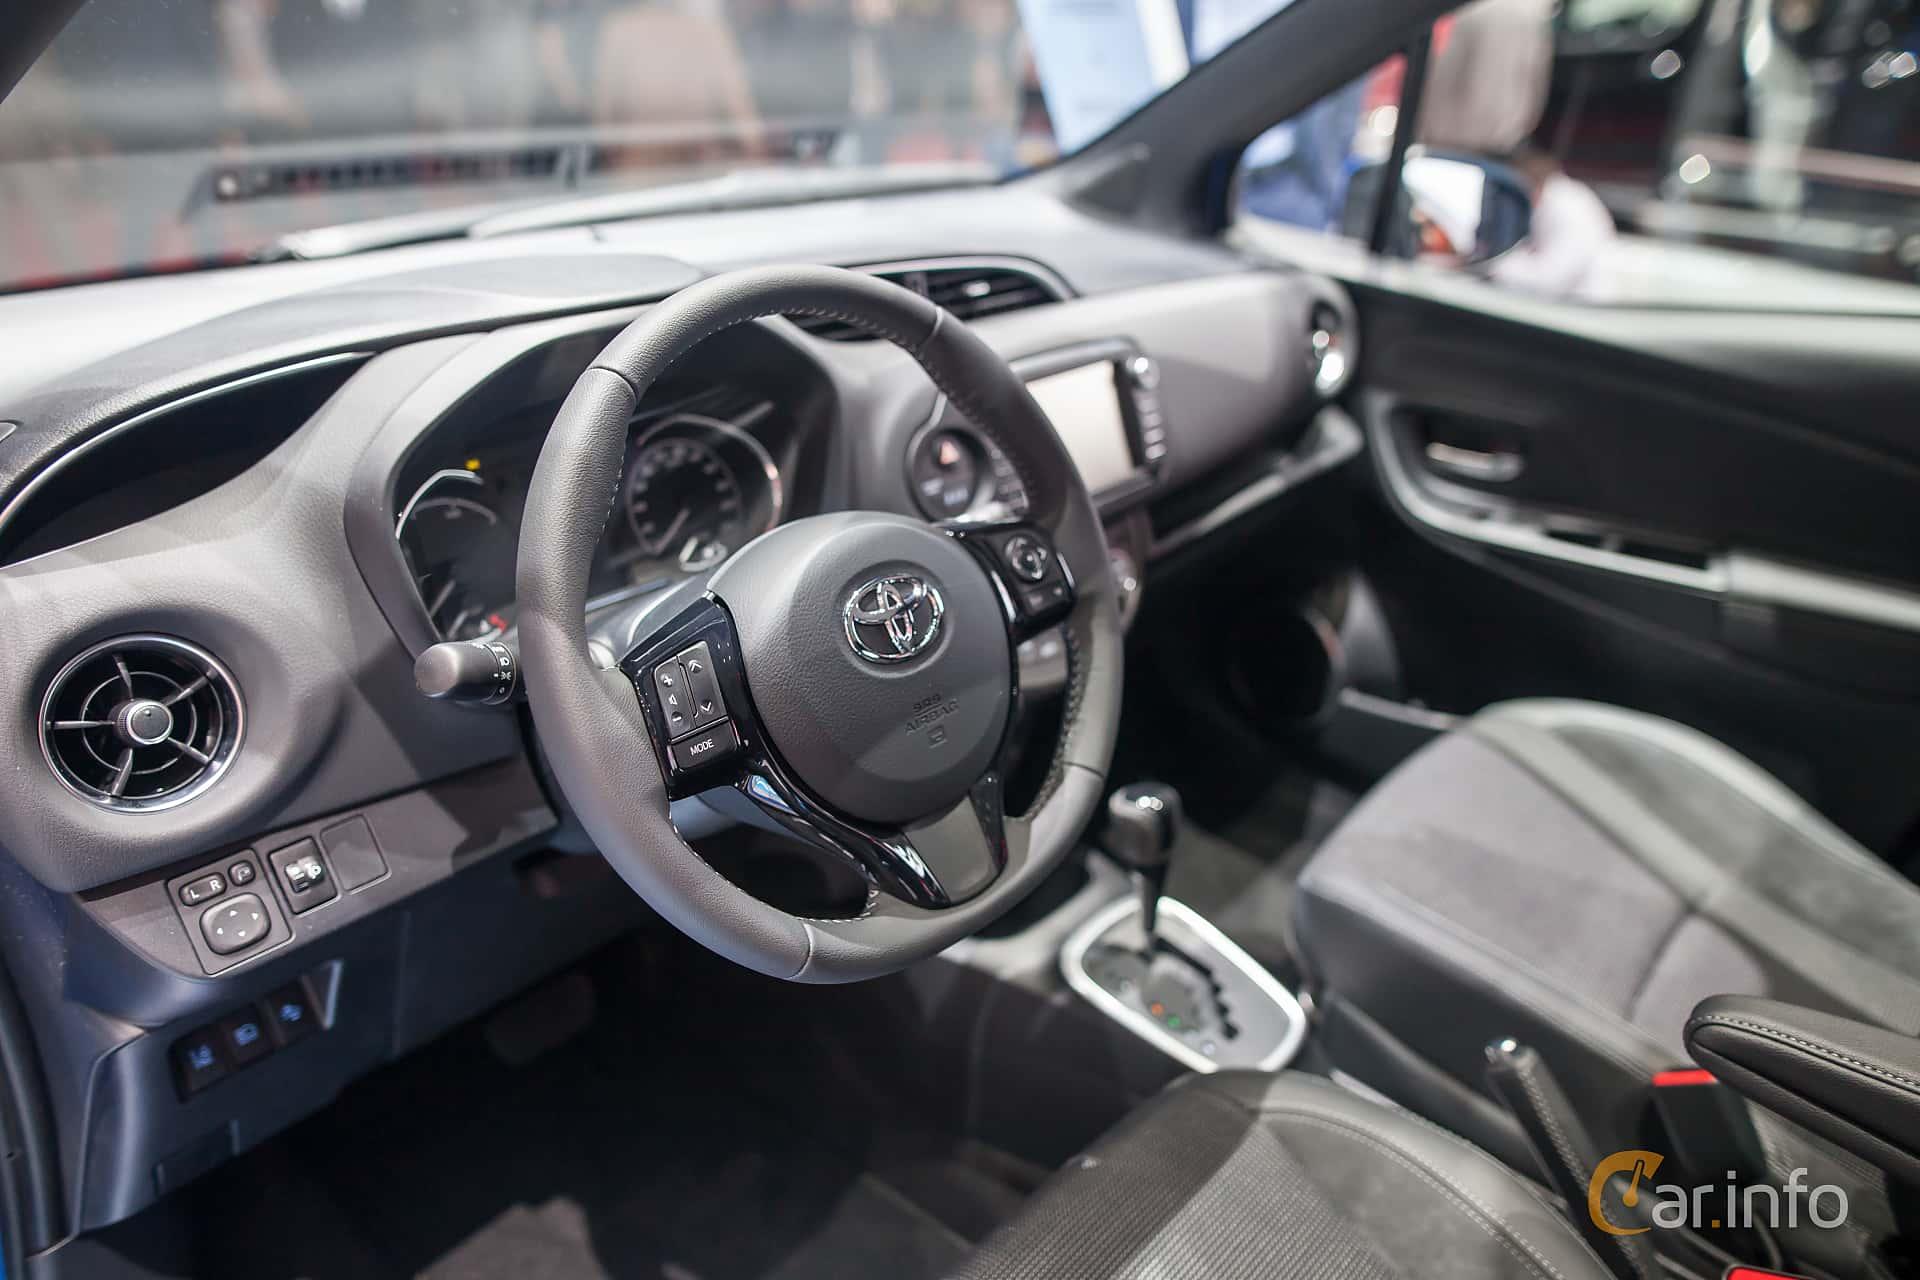 Toyota yaris hybrid 1 5 vvt i cvt 101hk 2017 at geneva for Interieur yaris 2017